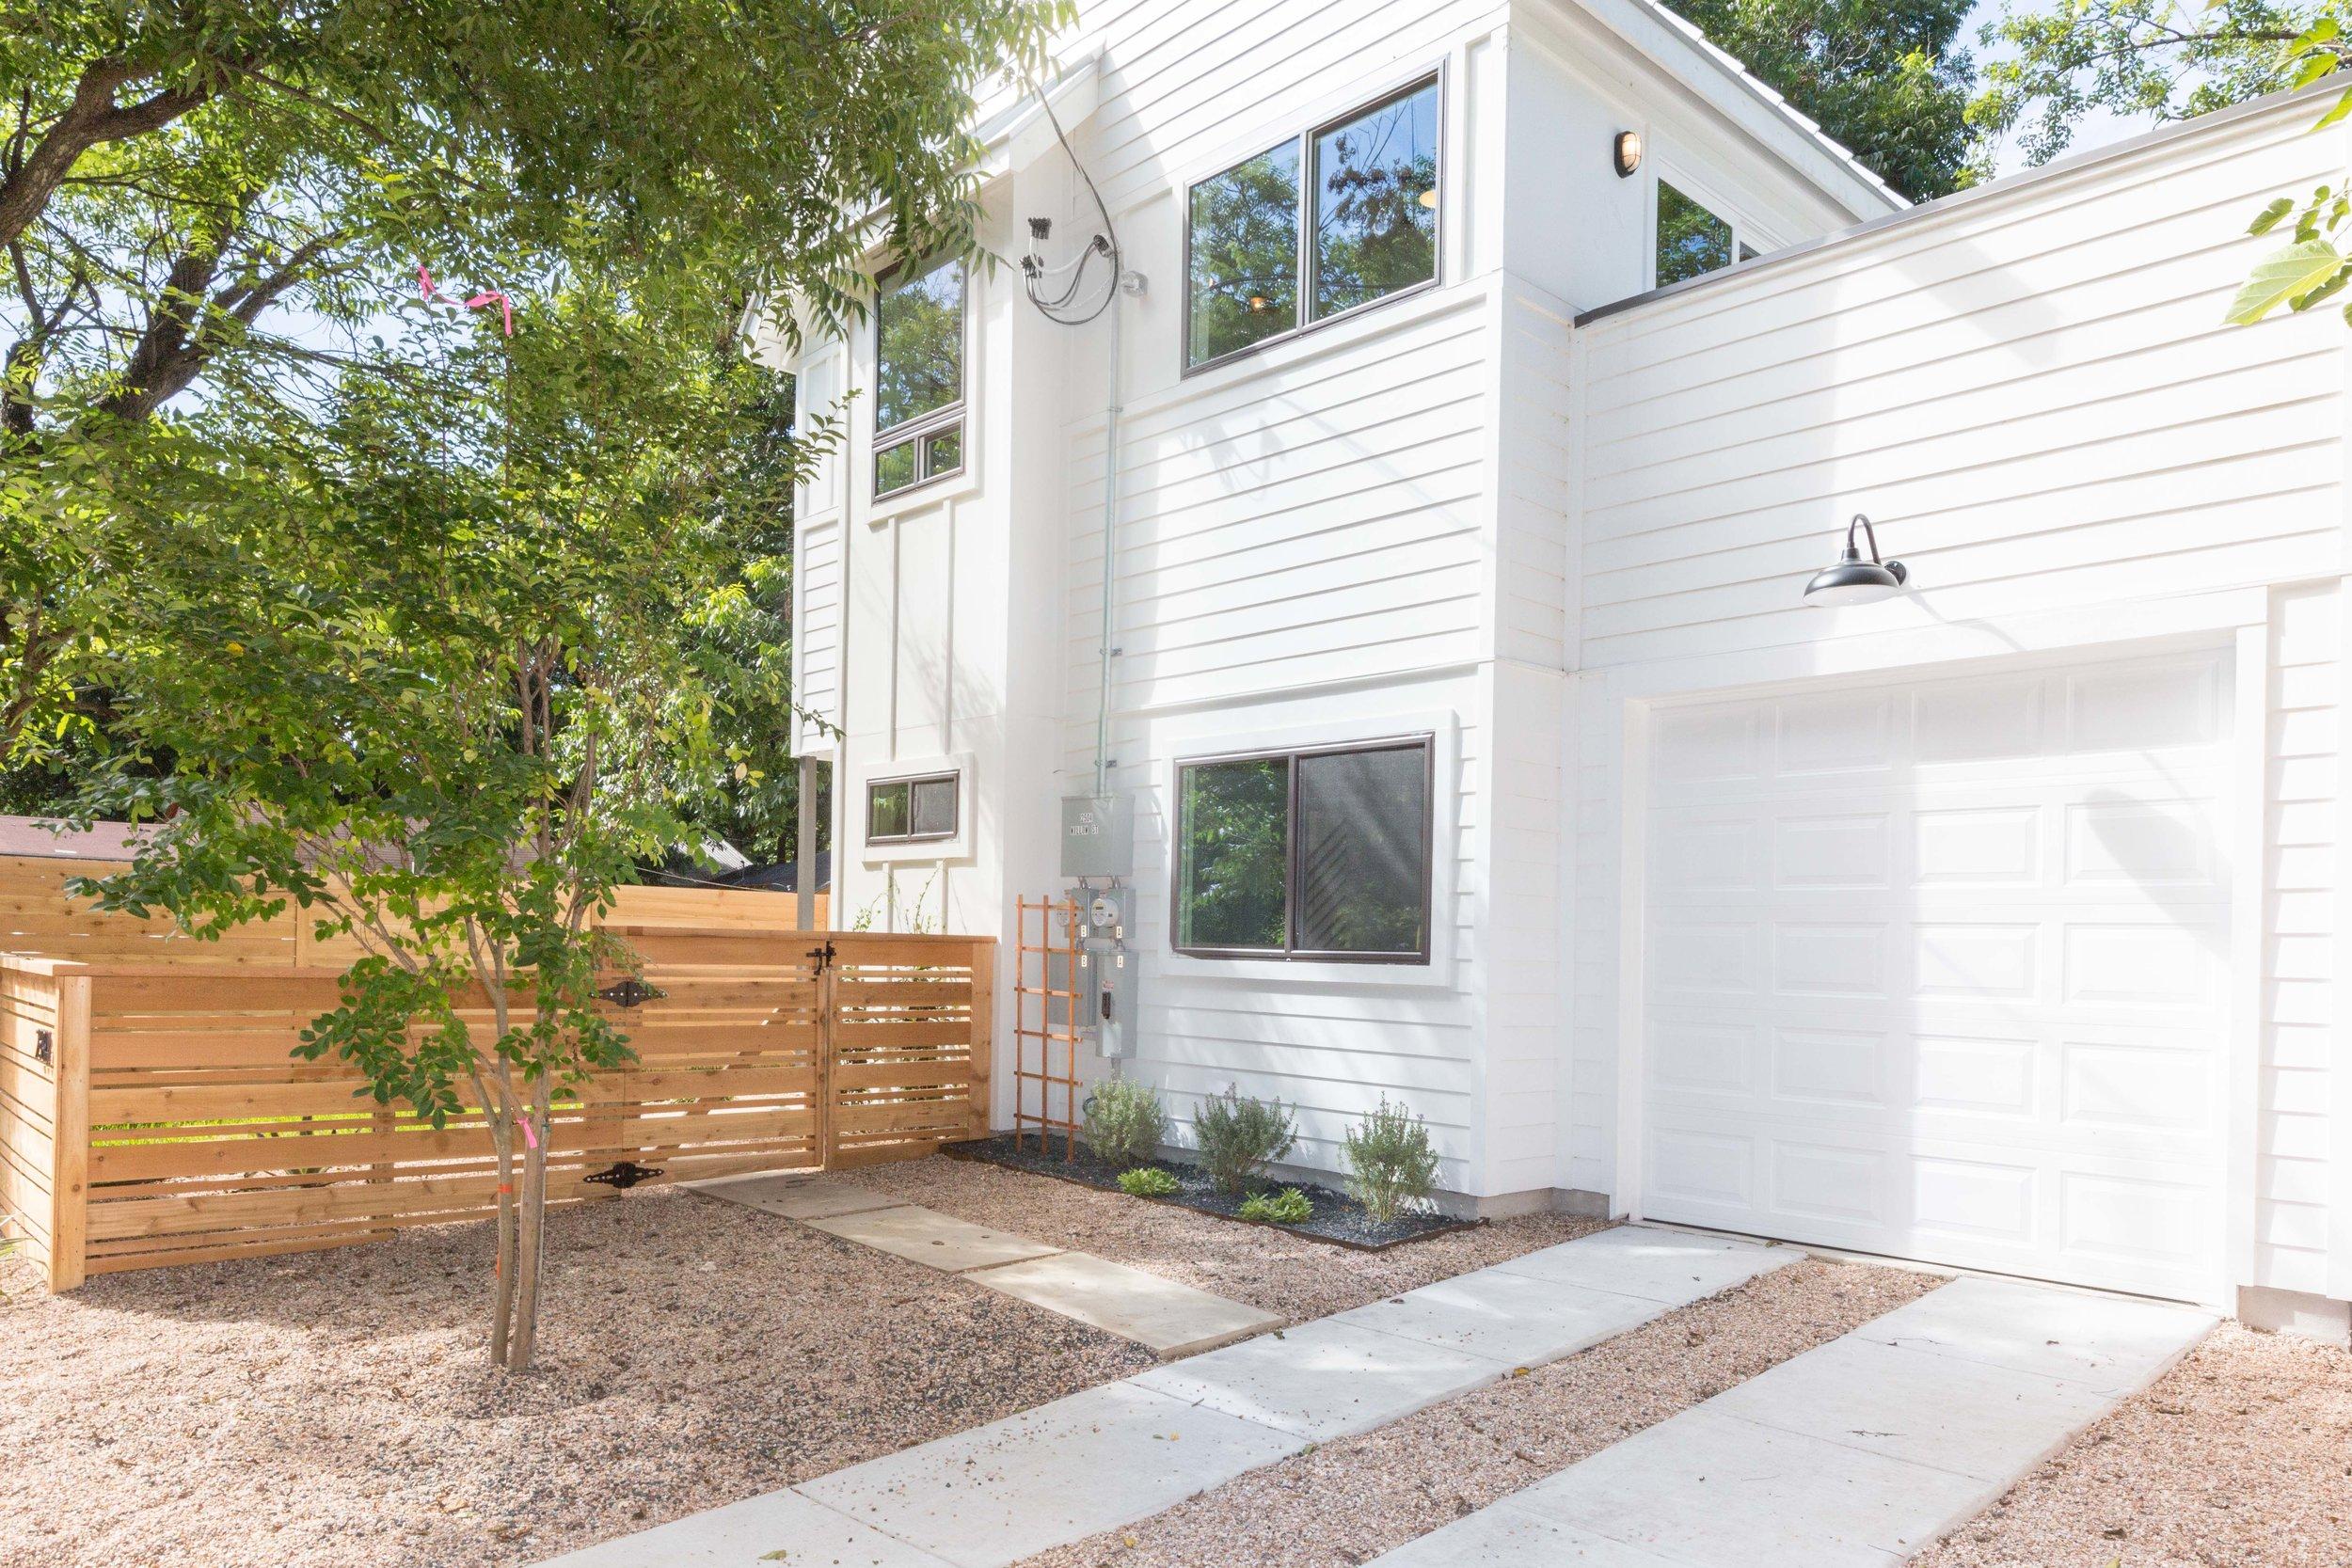 2504_WillowB_-_East_Austin_Alley_House_Modern_Cottage-9927[1].jpg